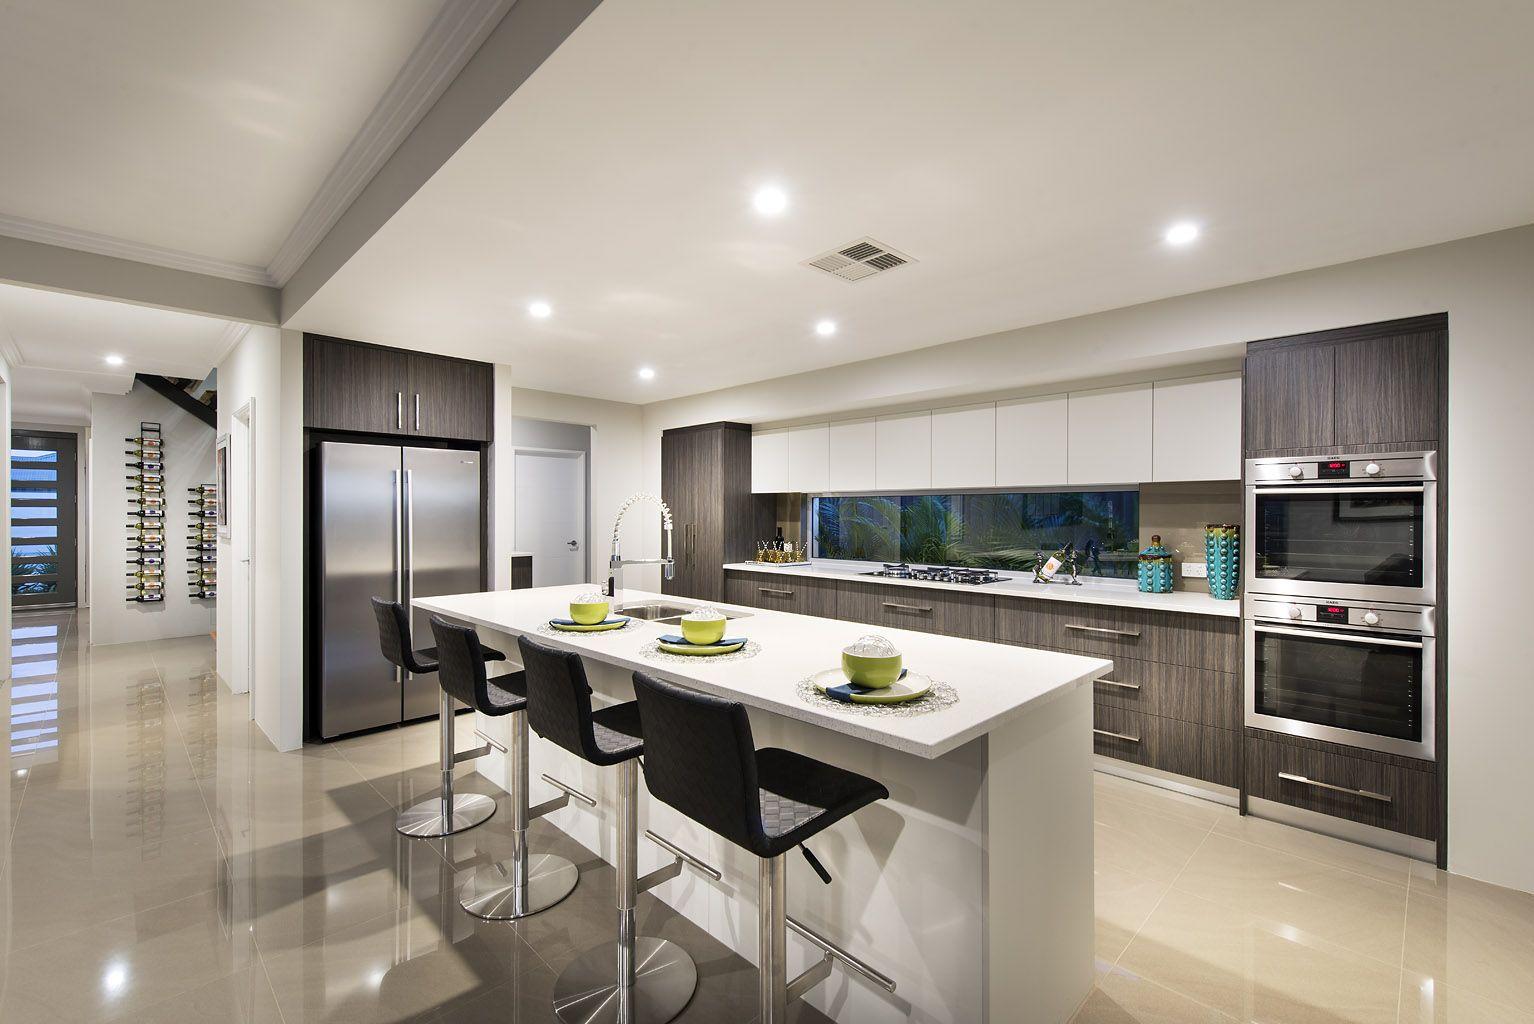 Stunning Open Plan Kitchens C Ben Trager Homes On Display In Perth Kitchen Room Design Kitchen Interior Modern Kitchen Design